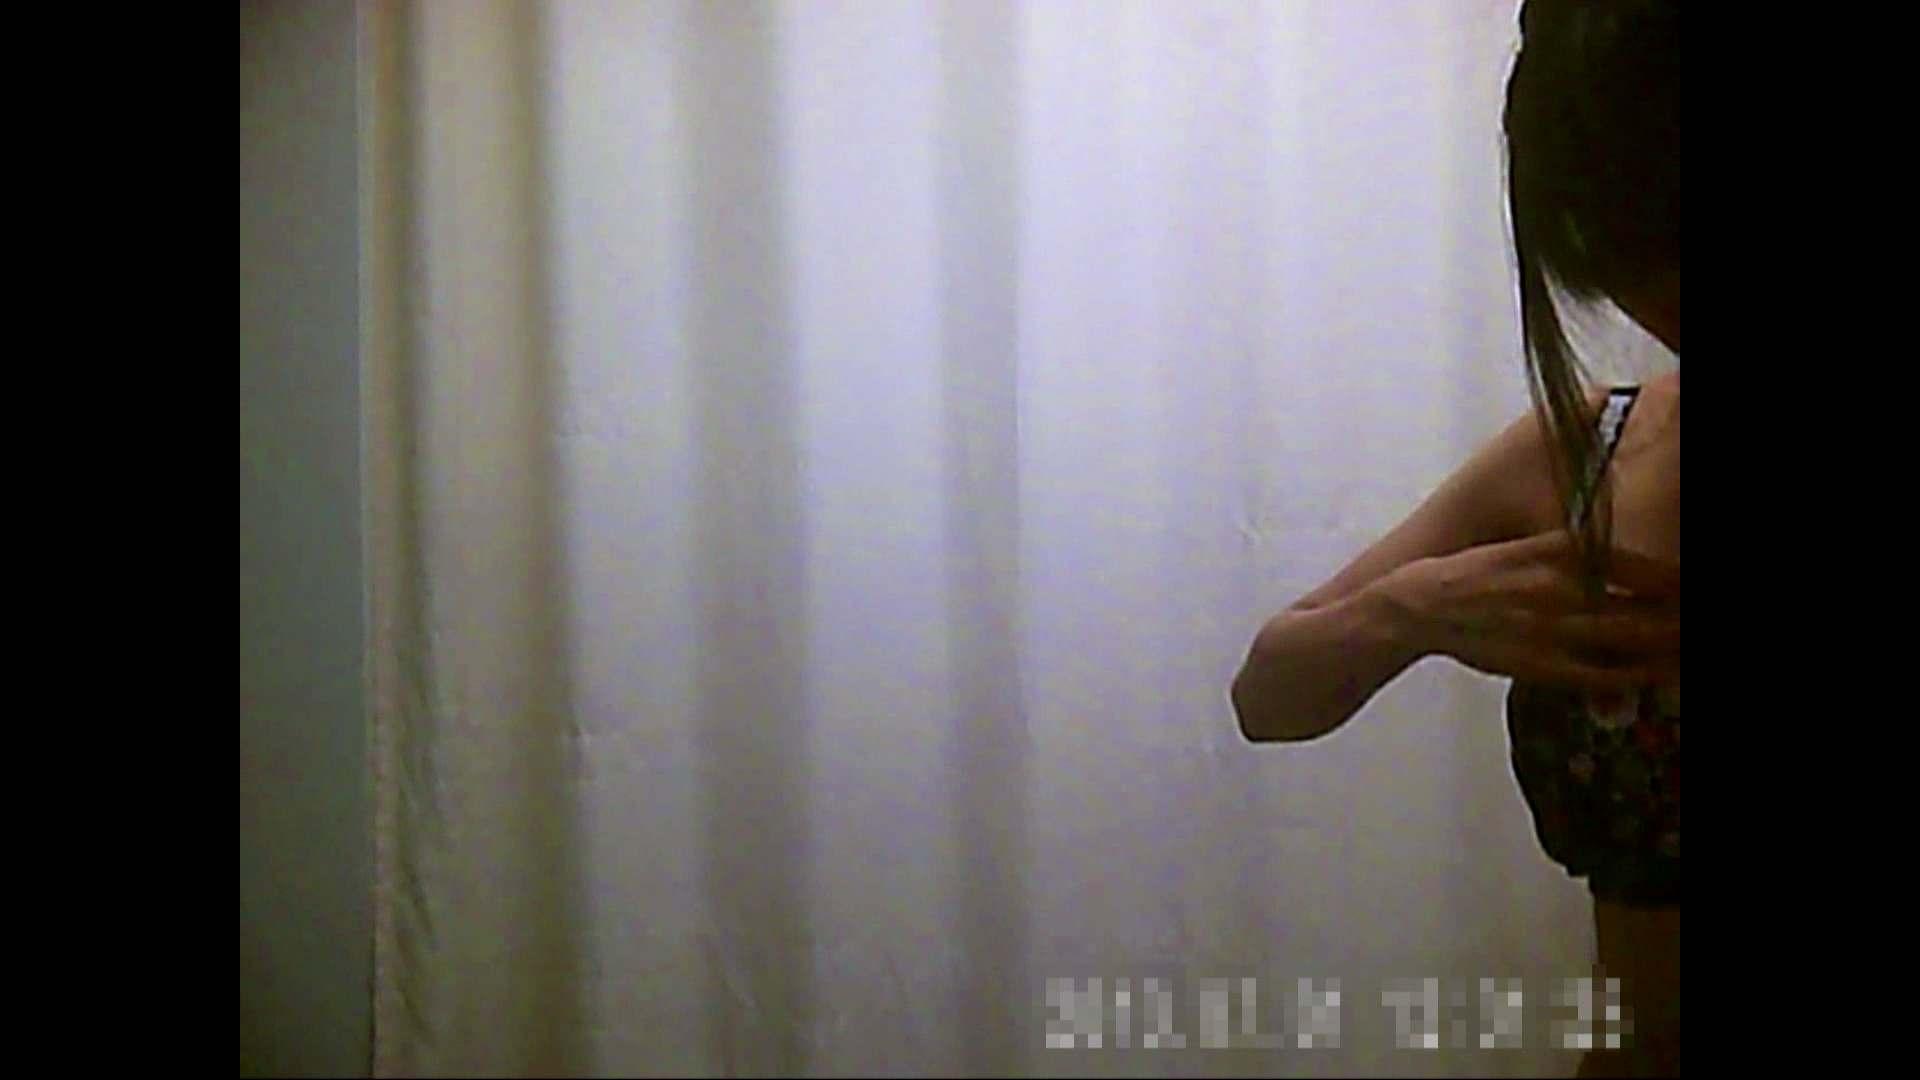 元医者による反抗 更衣室地獄絵巻 vol.039 ギャル達 オメコ動画キャプチャ 110枚 35